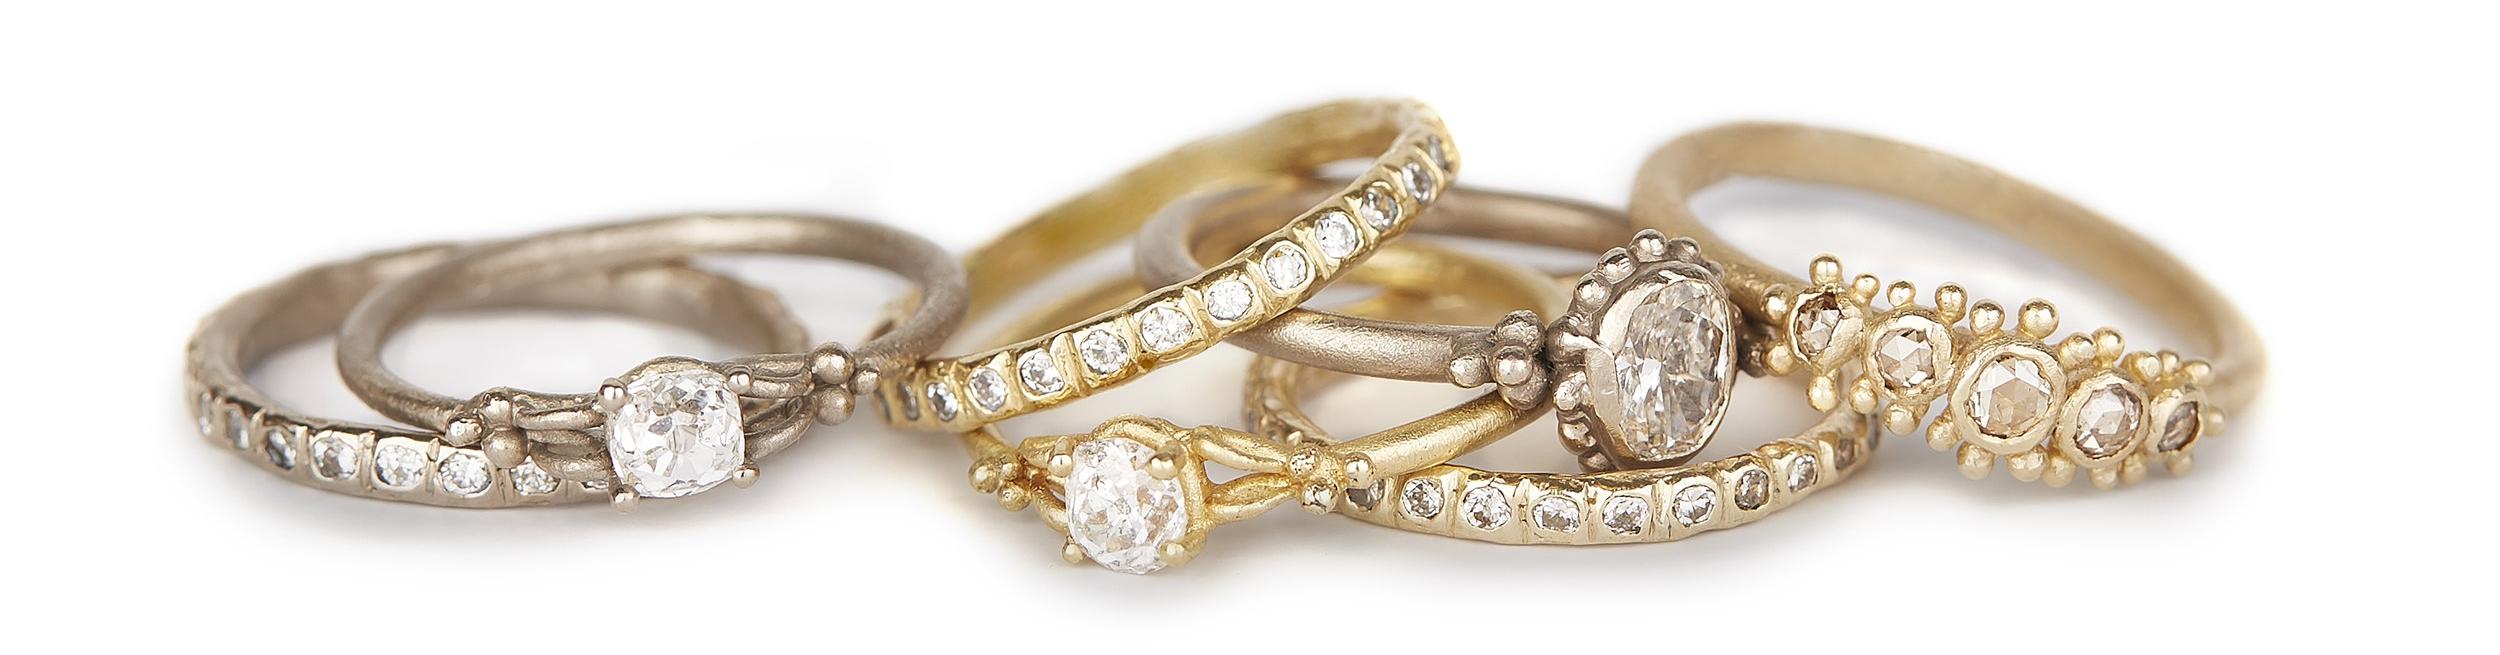 ruth tomlinson diamond rings gill wing.jpg